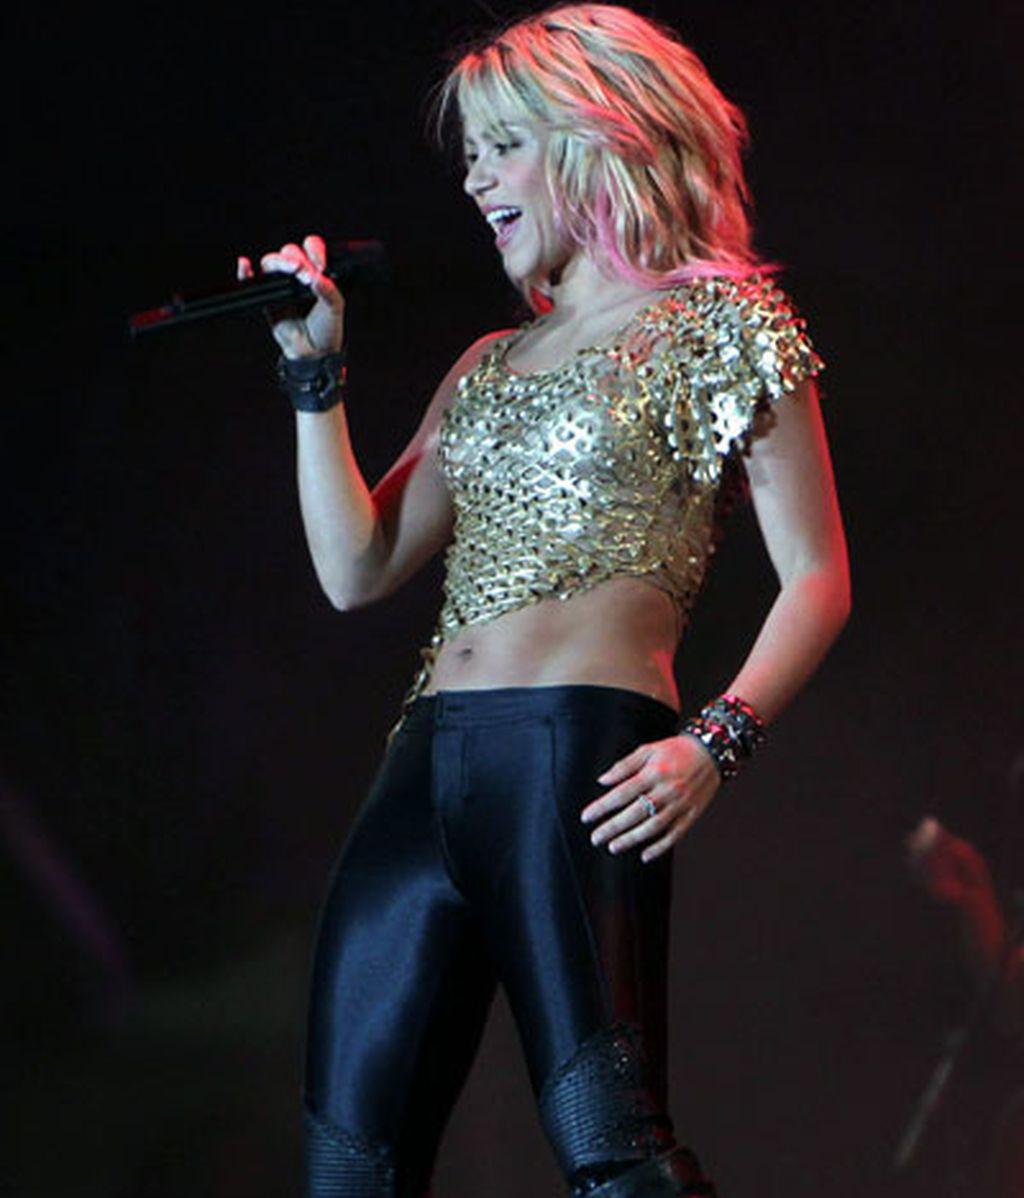 Concierto en Río de Janerio (Brasil) el 30 de septiembre de 2011